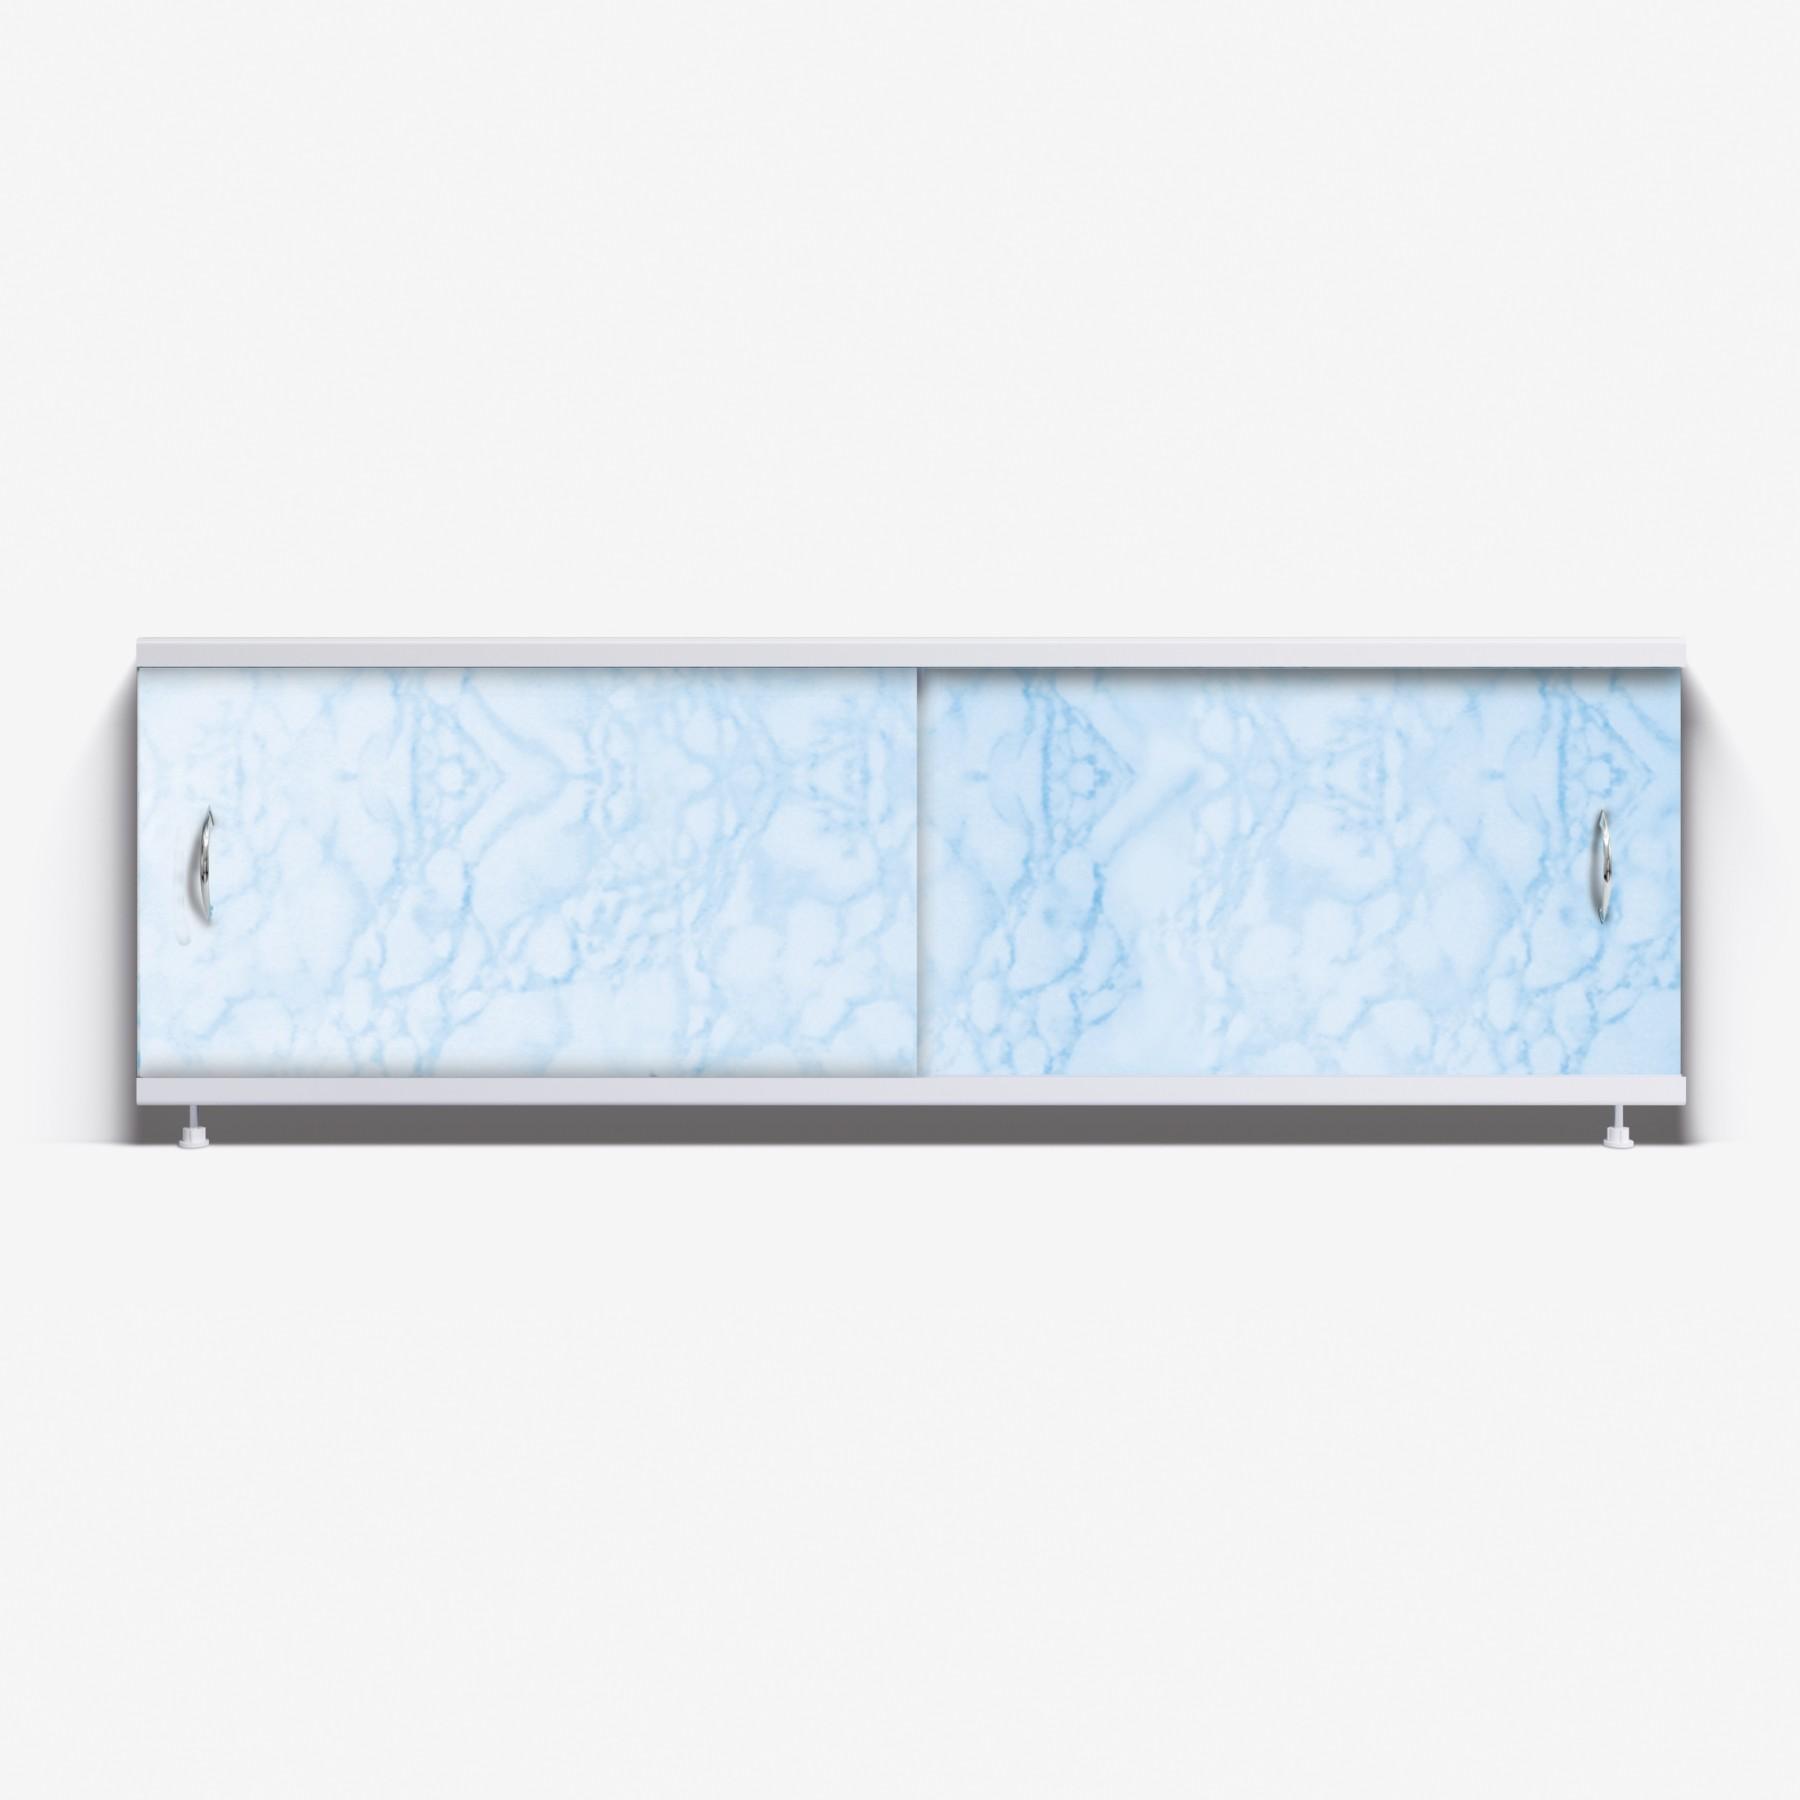 Экран под ванну Классик 150 светло-голубой мрамор